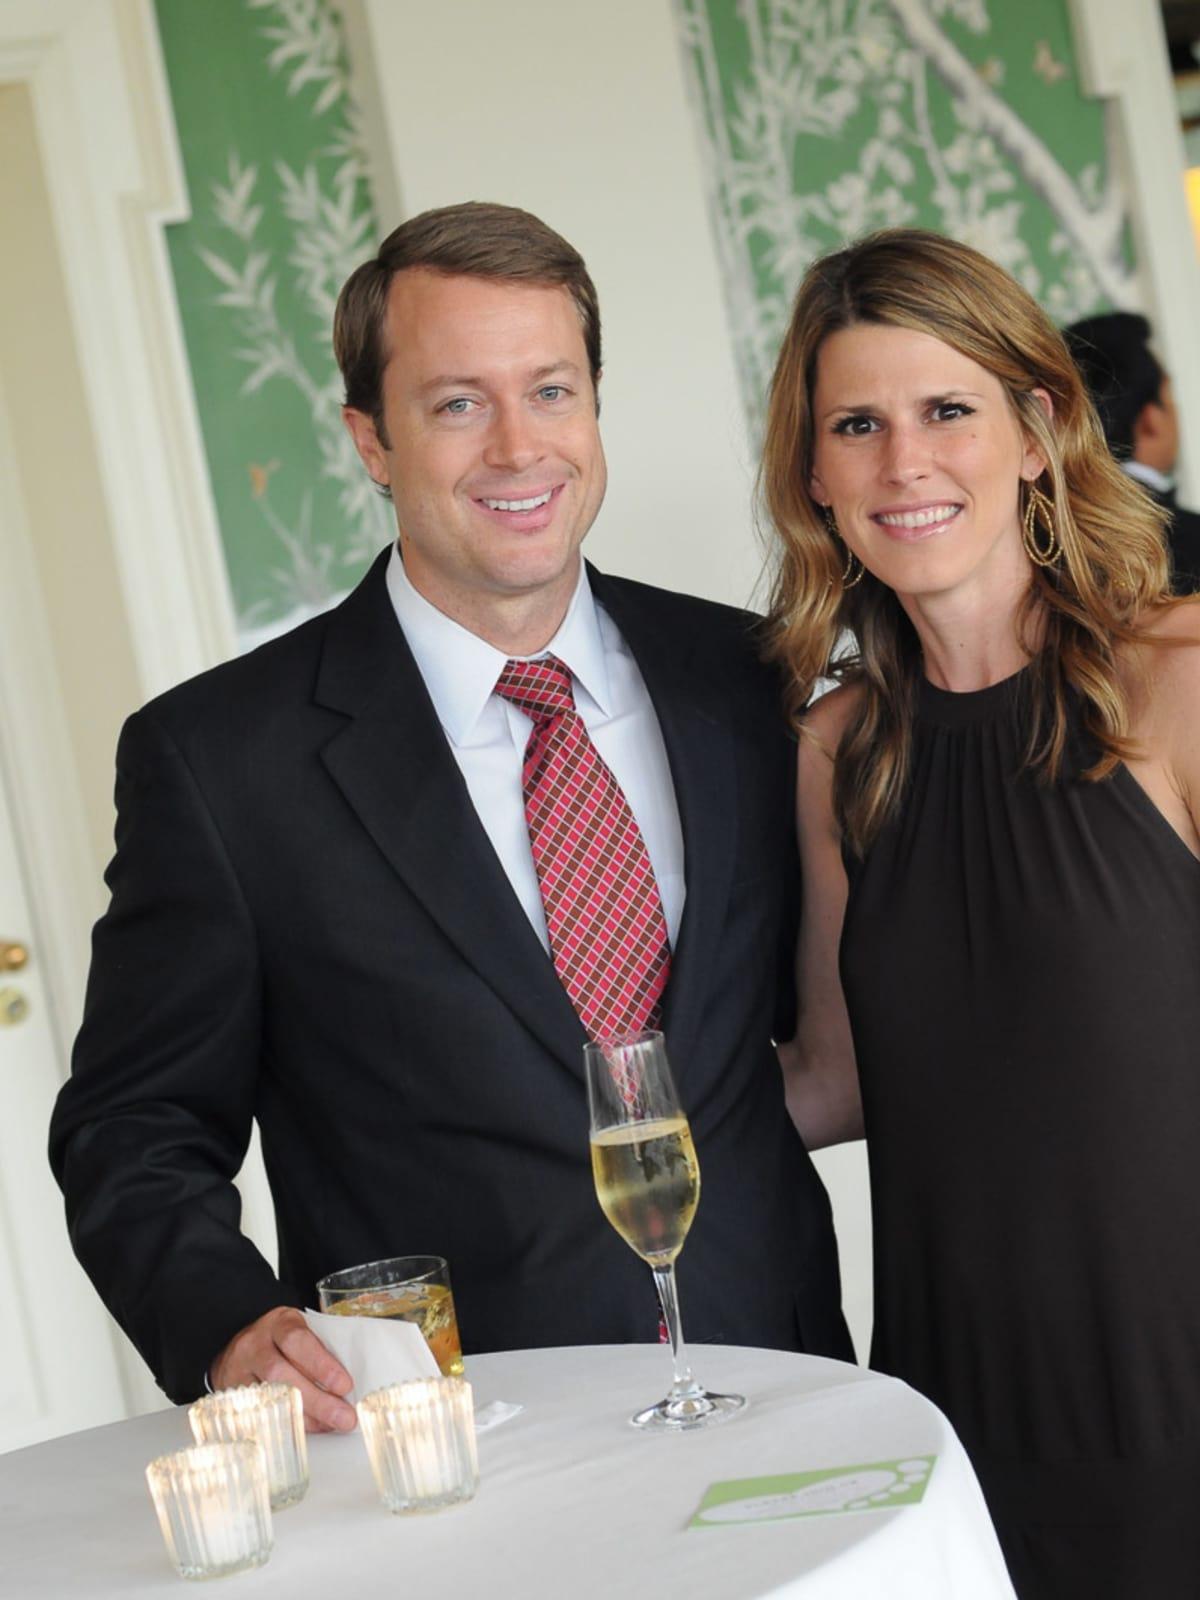 News_Small Steps Wine Classic_Laurie Dykoski_Teddy Dykoski